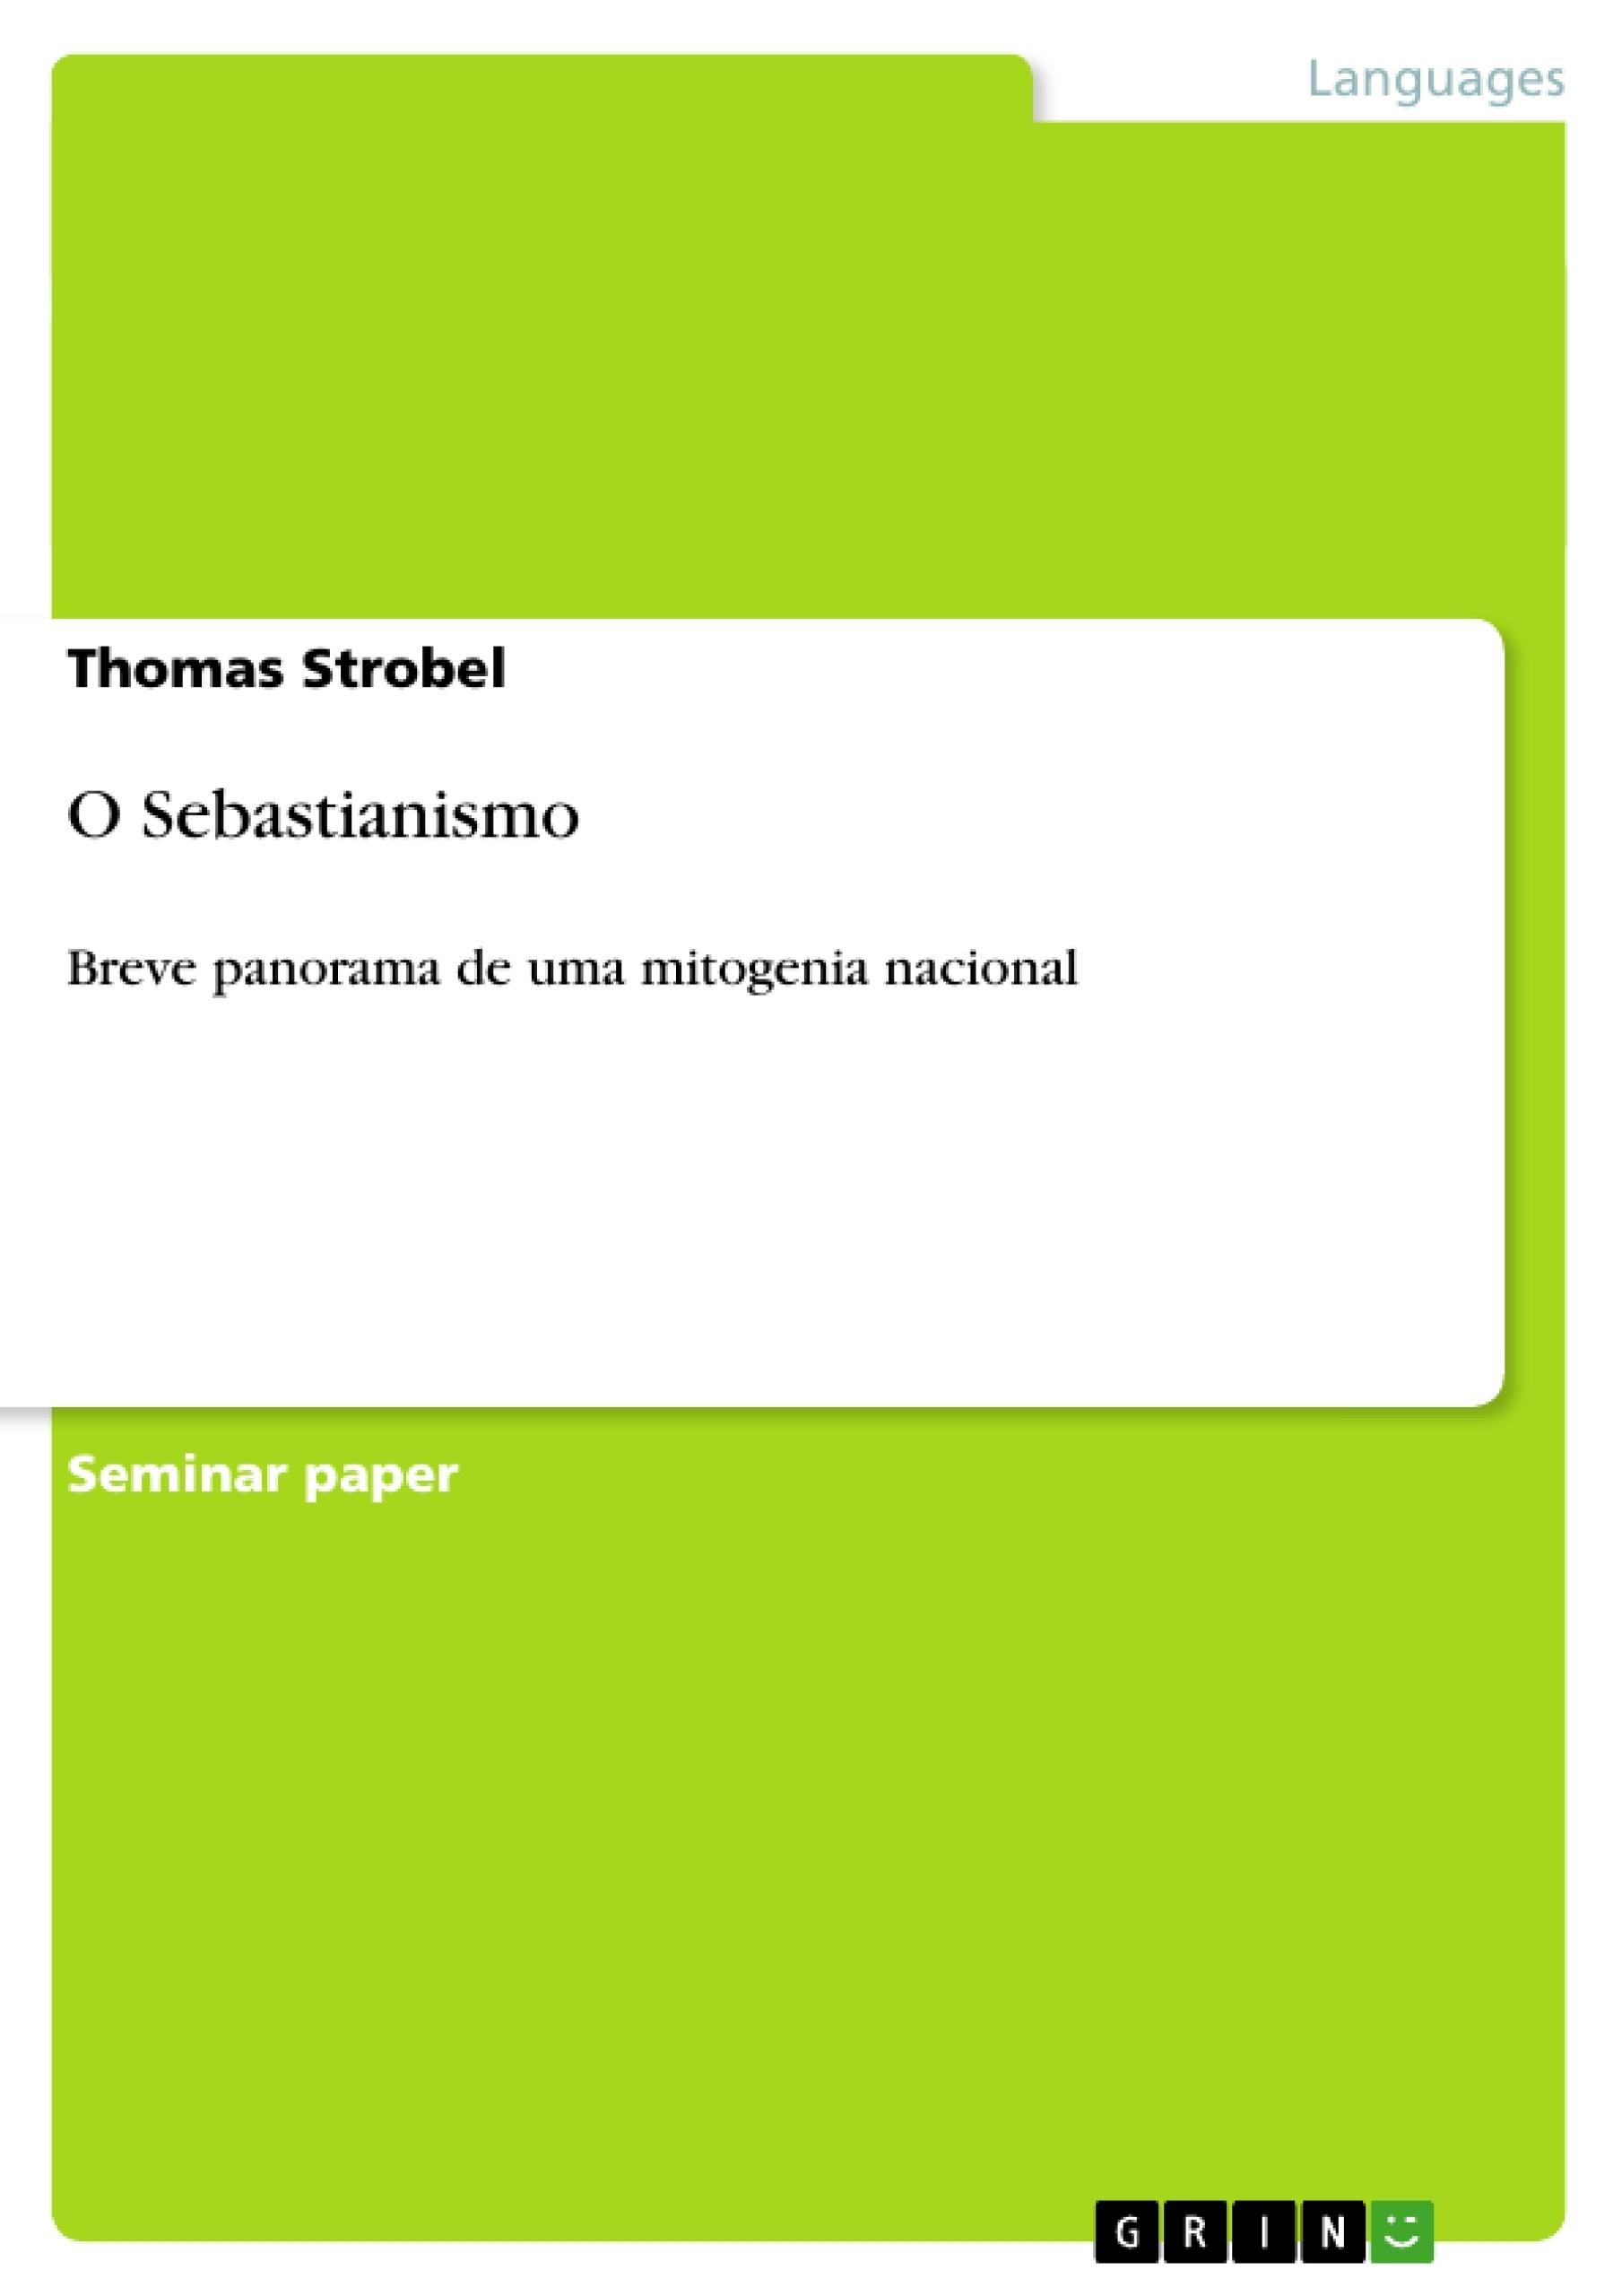 Title: O Sebastianismo